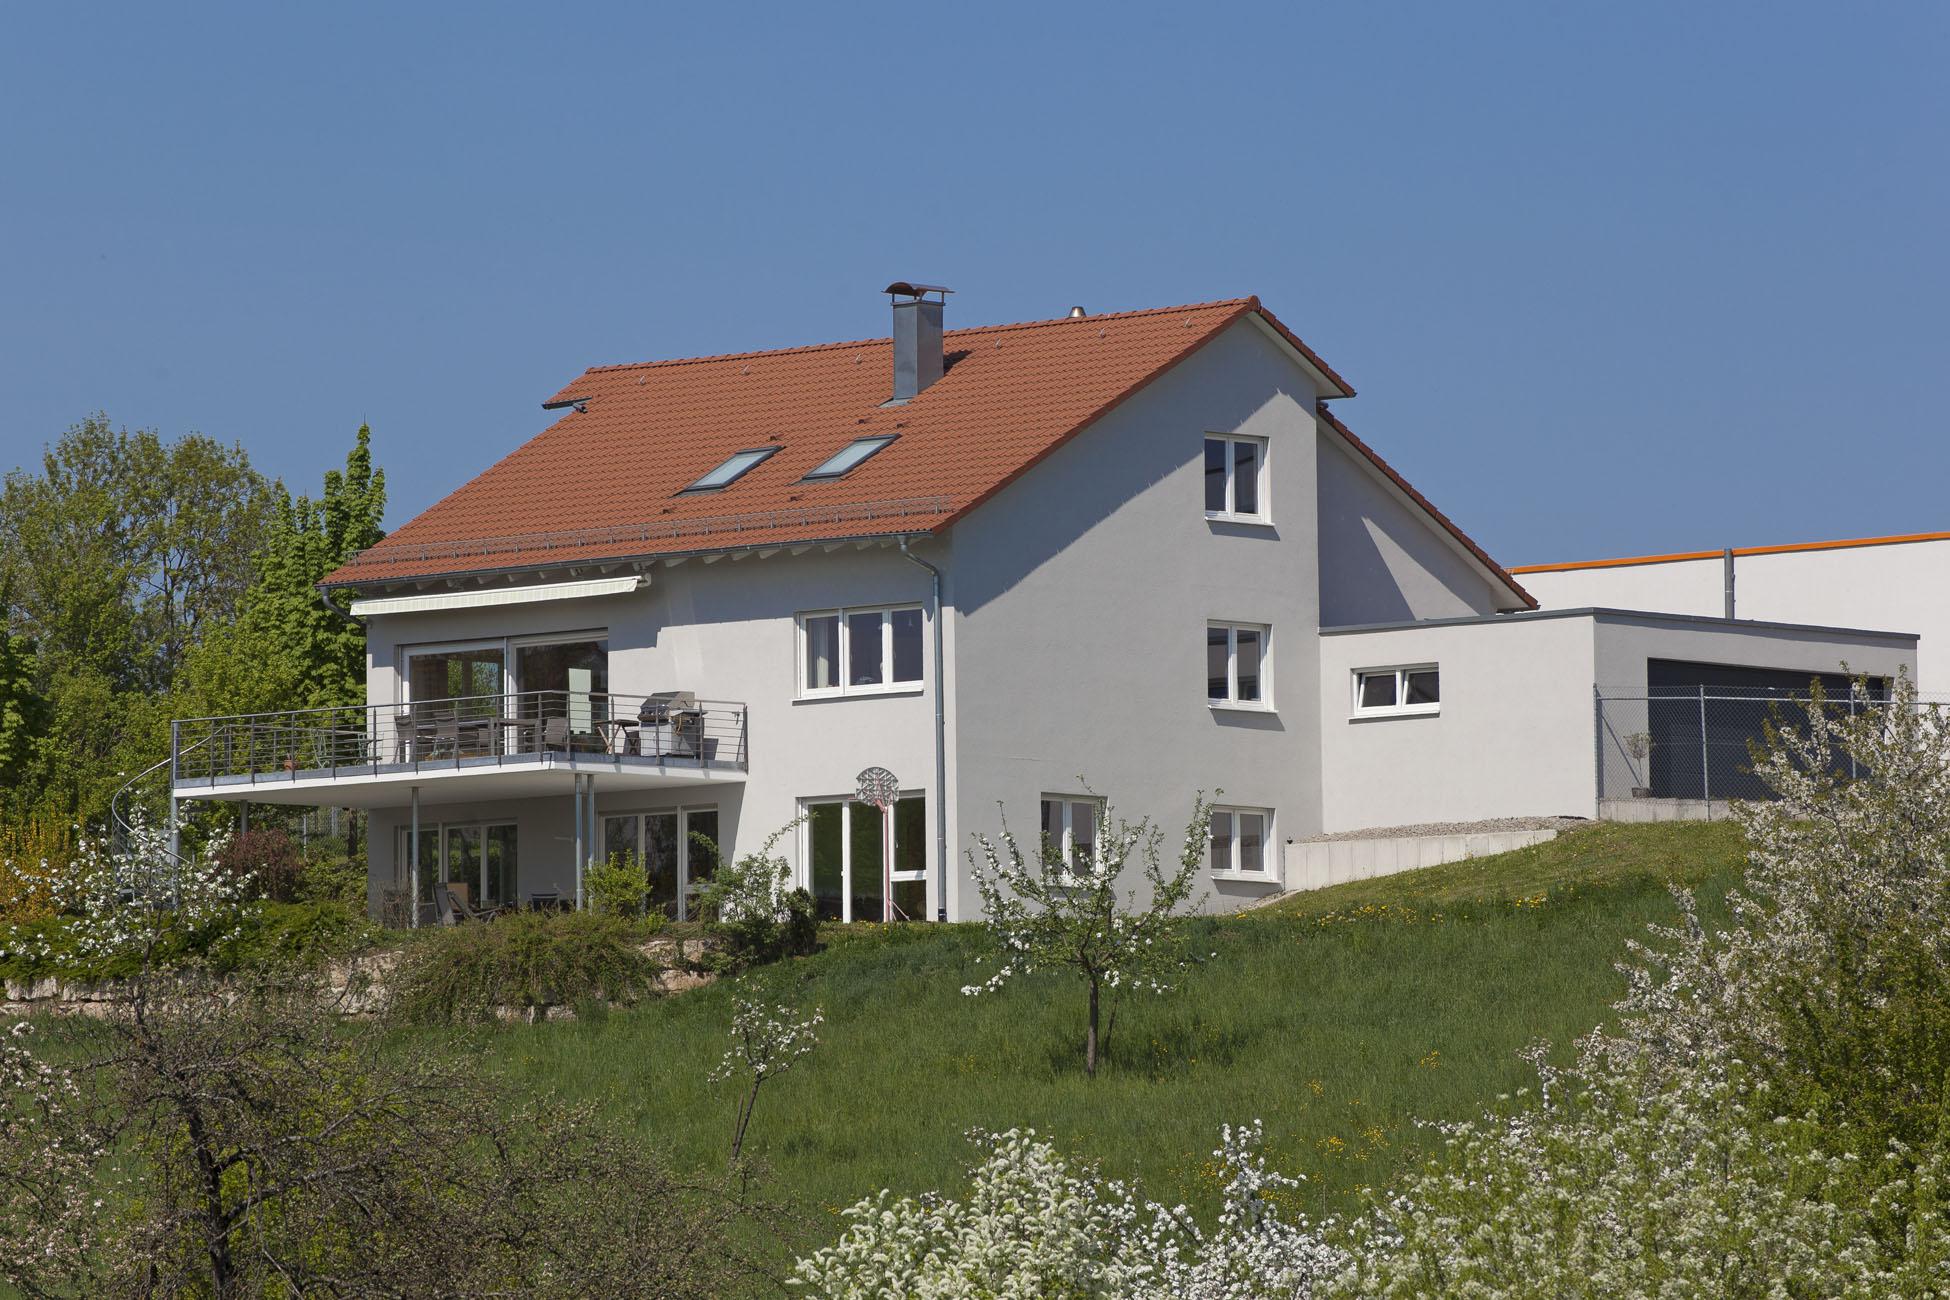 Einfamilienhaus_08